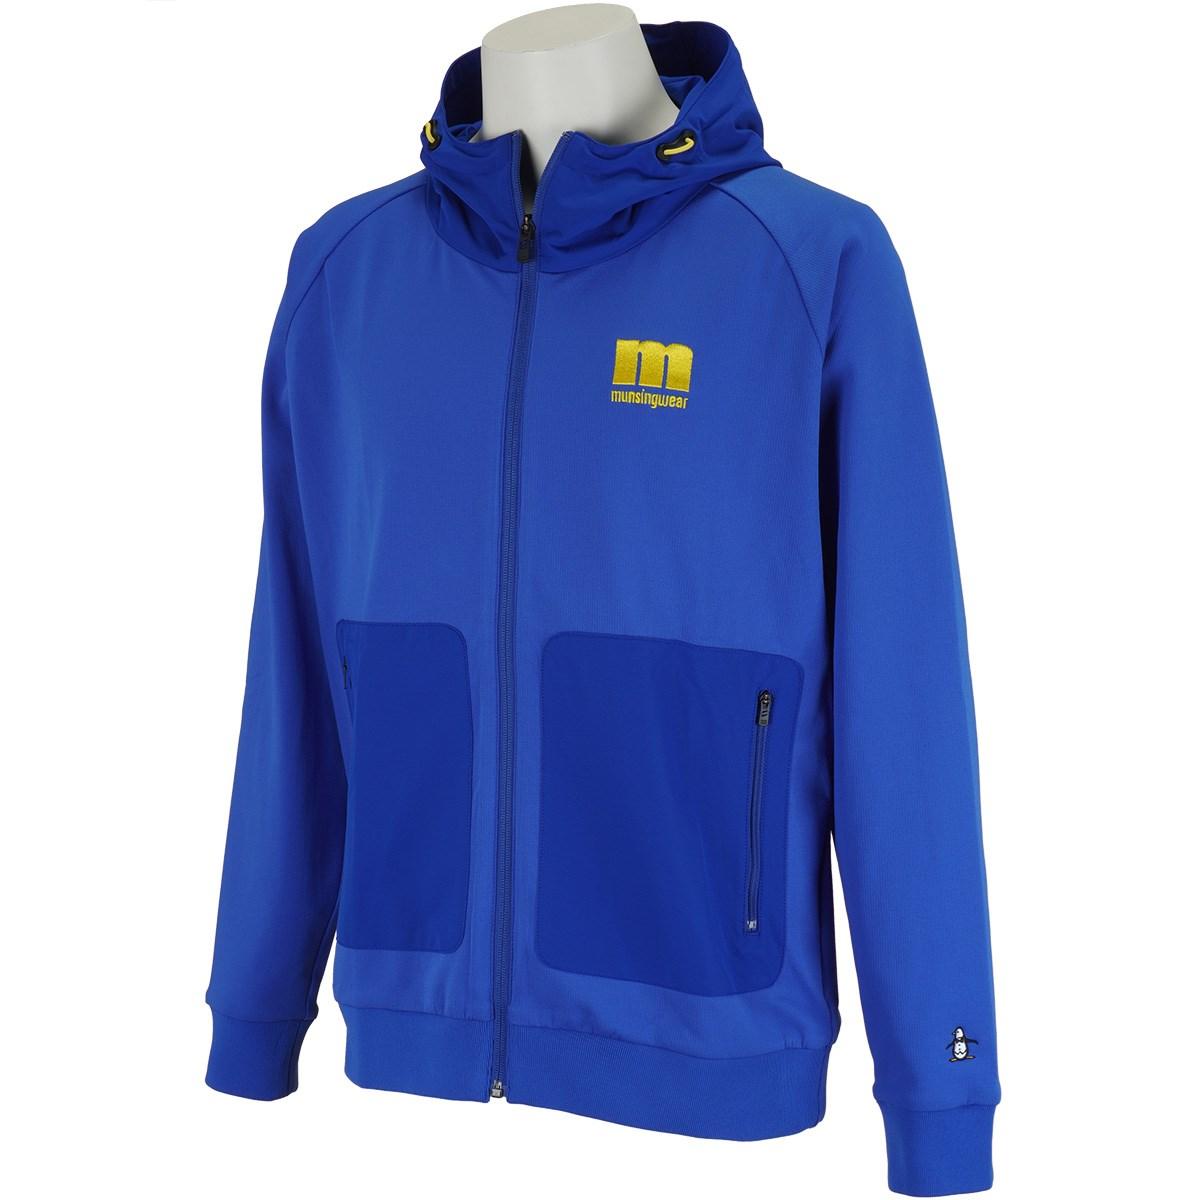 マンシングウェア Munsingwear ENVOY ハイブリッド前開きフルジップパーカー M ブルー 00